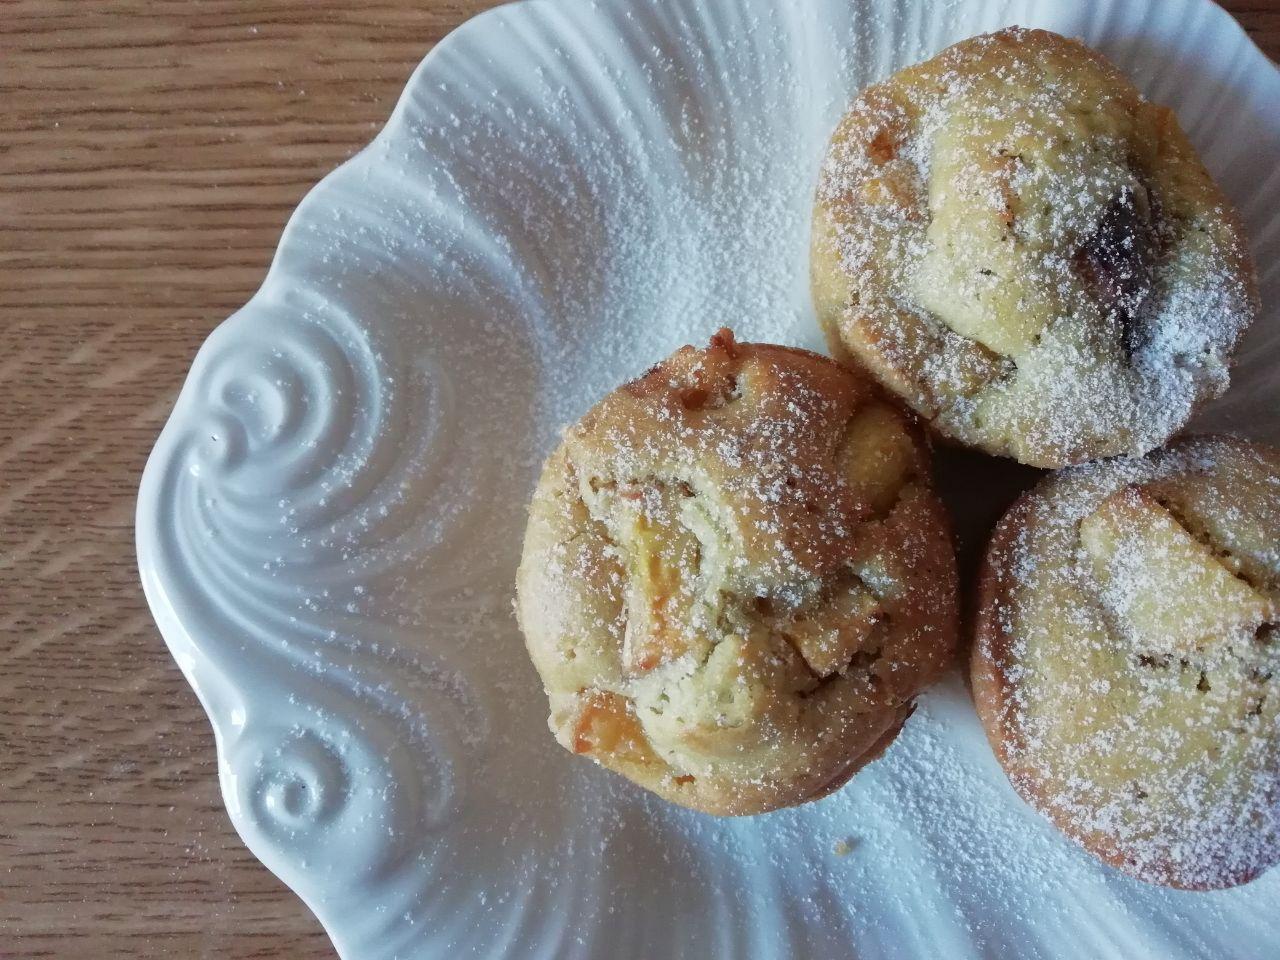 Dolci senza burro e senza lattosio: muffin alle pesche con latte di soia!